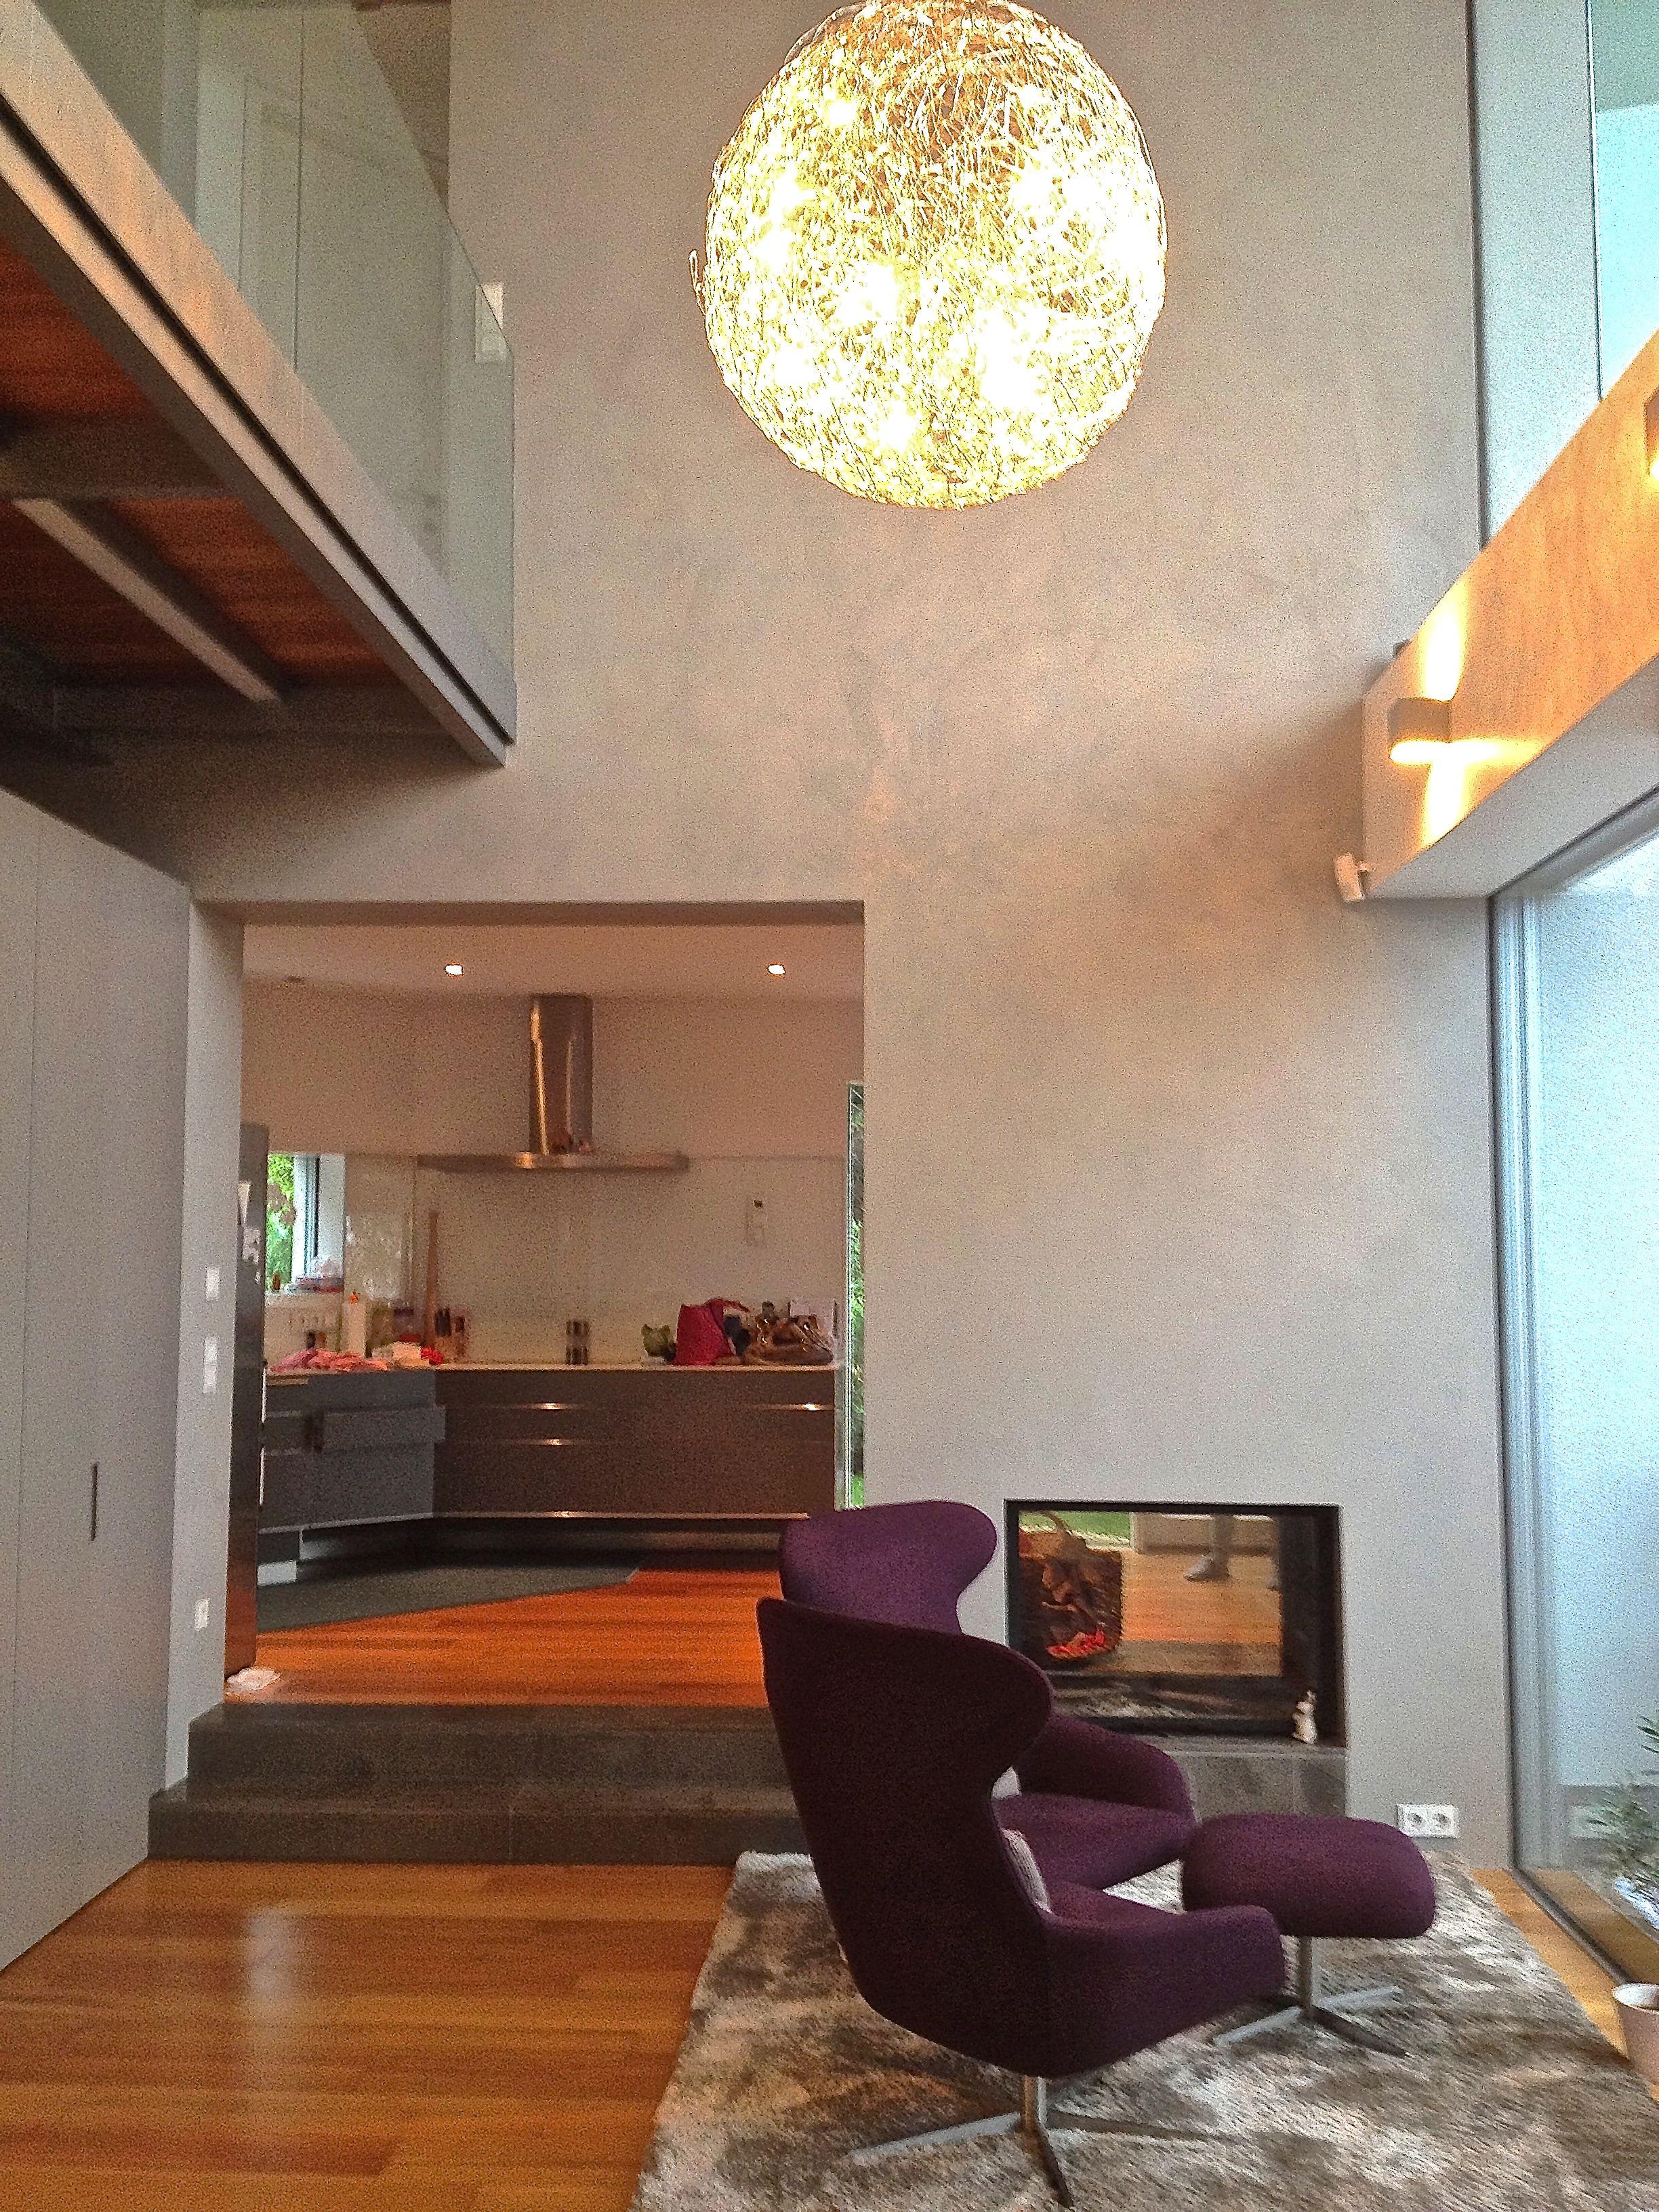 Malerei · Wohnzimmer · Zauberstab · Wand Mit Béton Ciré  Original Beschichtung In Einem Sehr Hellen Grau. Farbe Speziell Für